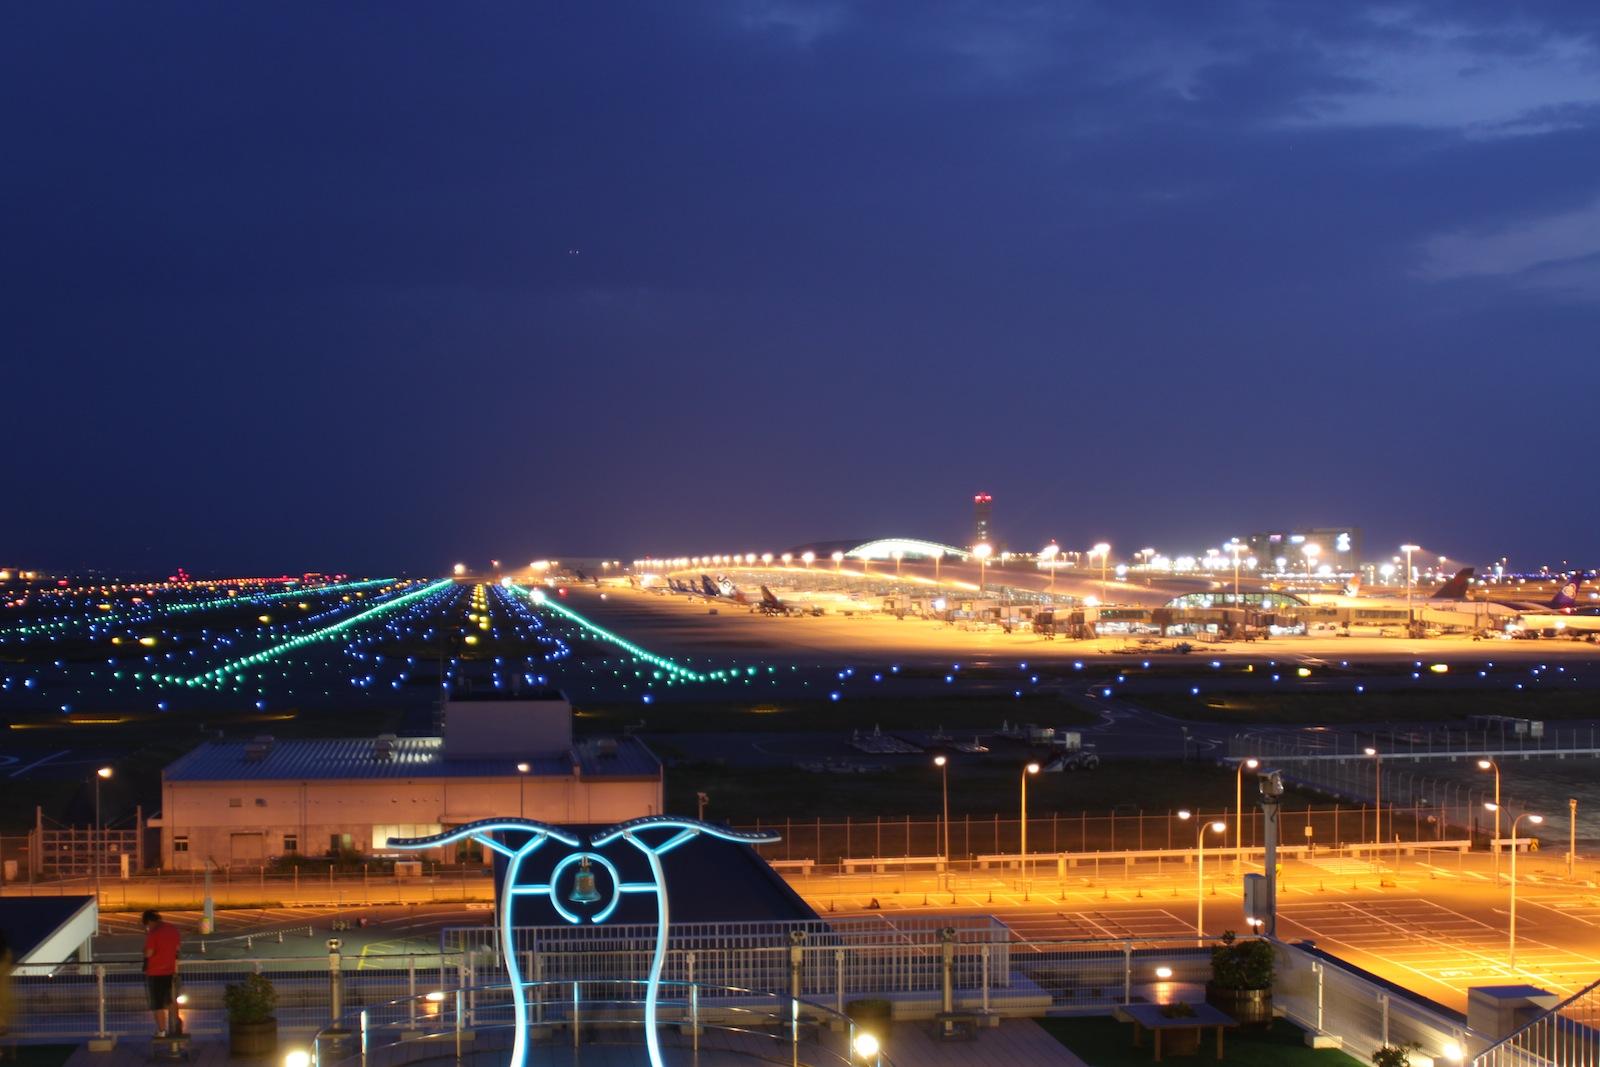 仁川空港の免税店が人気!ブランド品や化粧品お土産まであり!